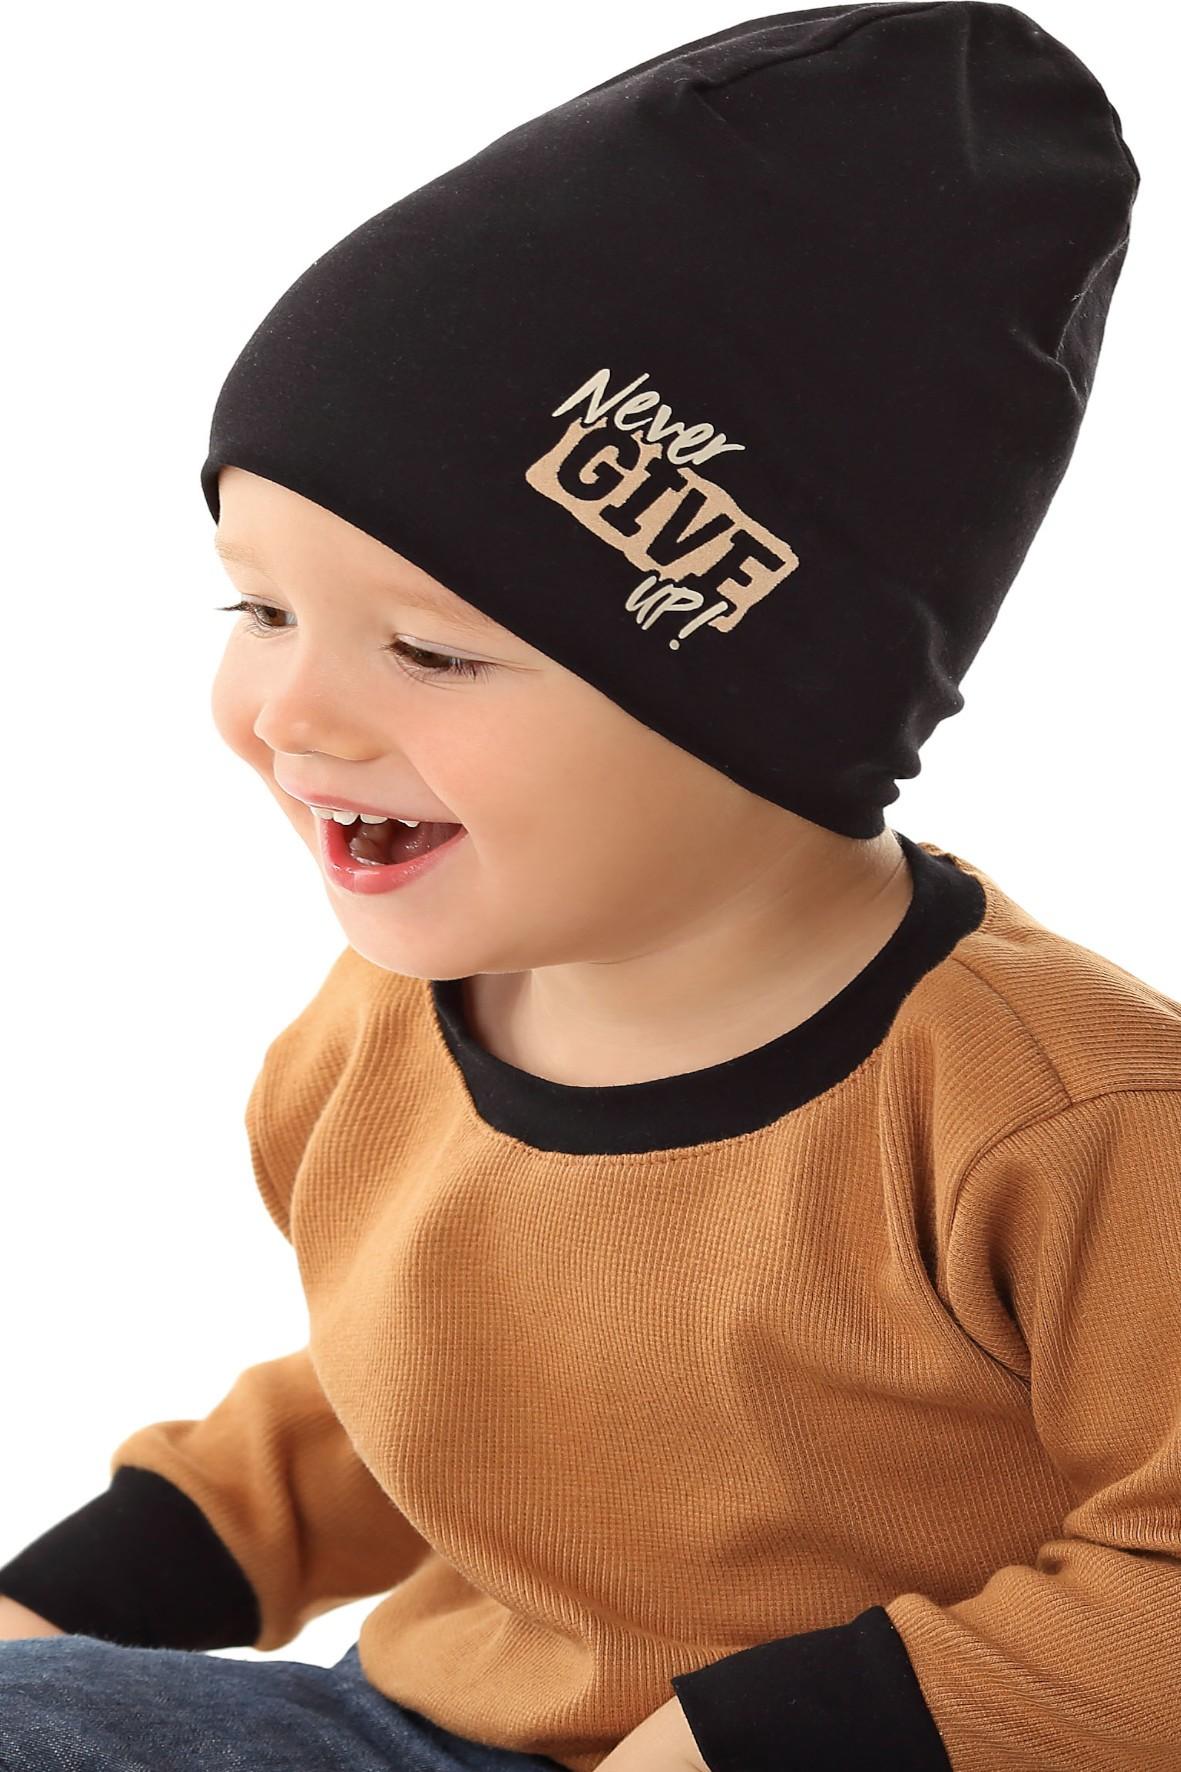 Czapka dziecięca w kolorze czarnym z napisem Never Give Up